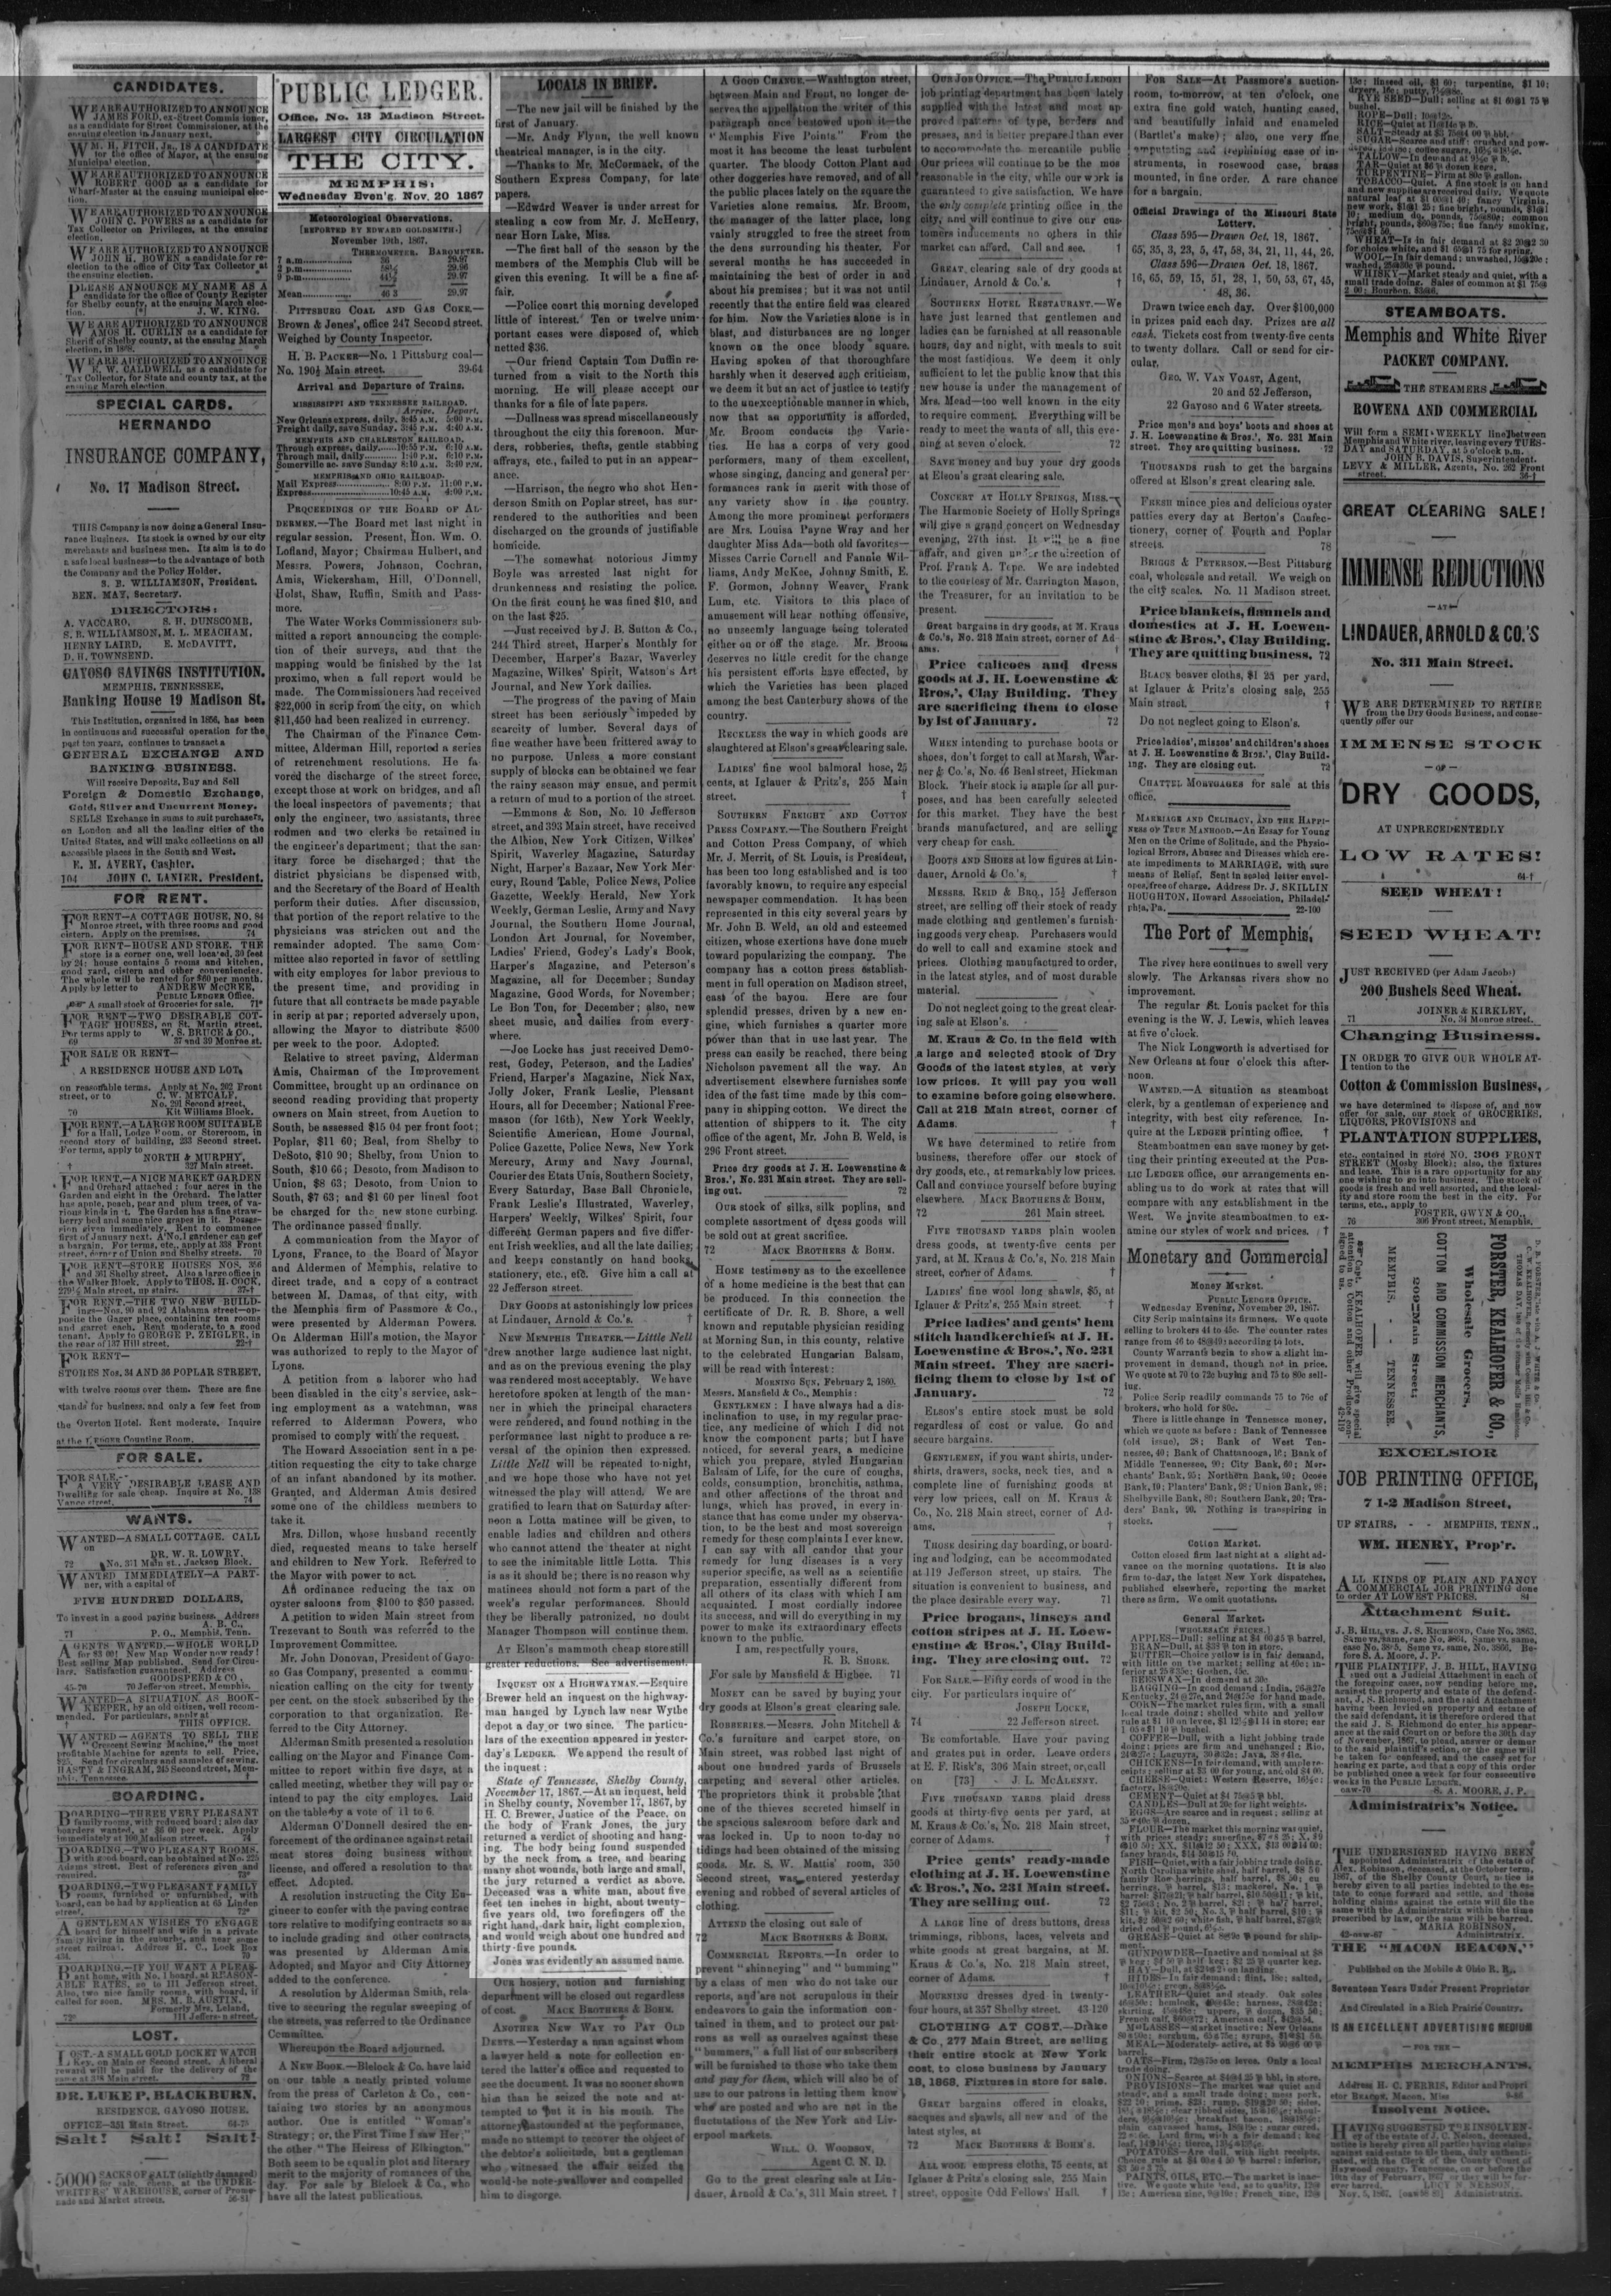 Public Ledger, 11/20/1867